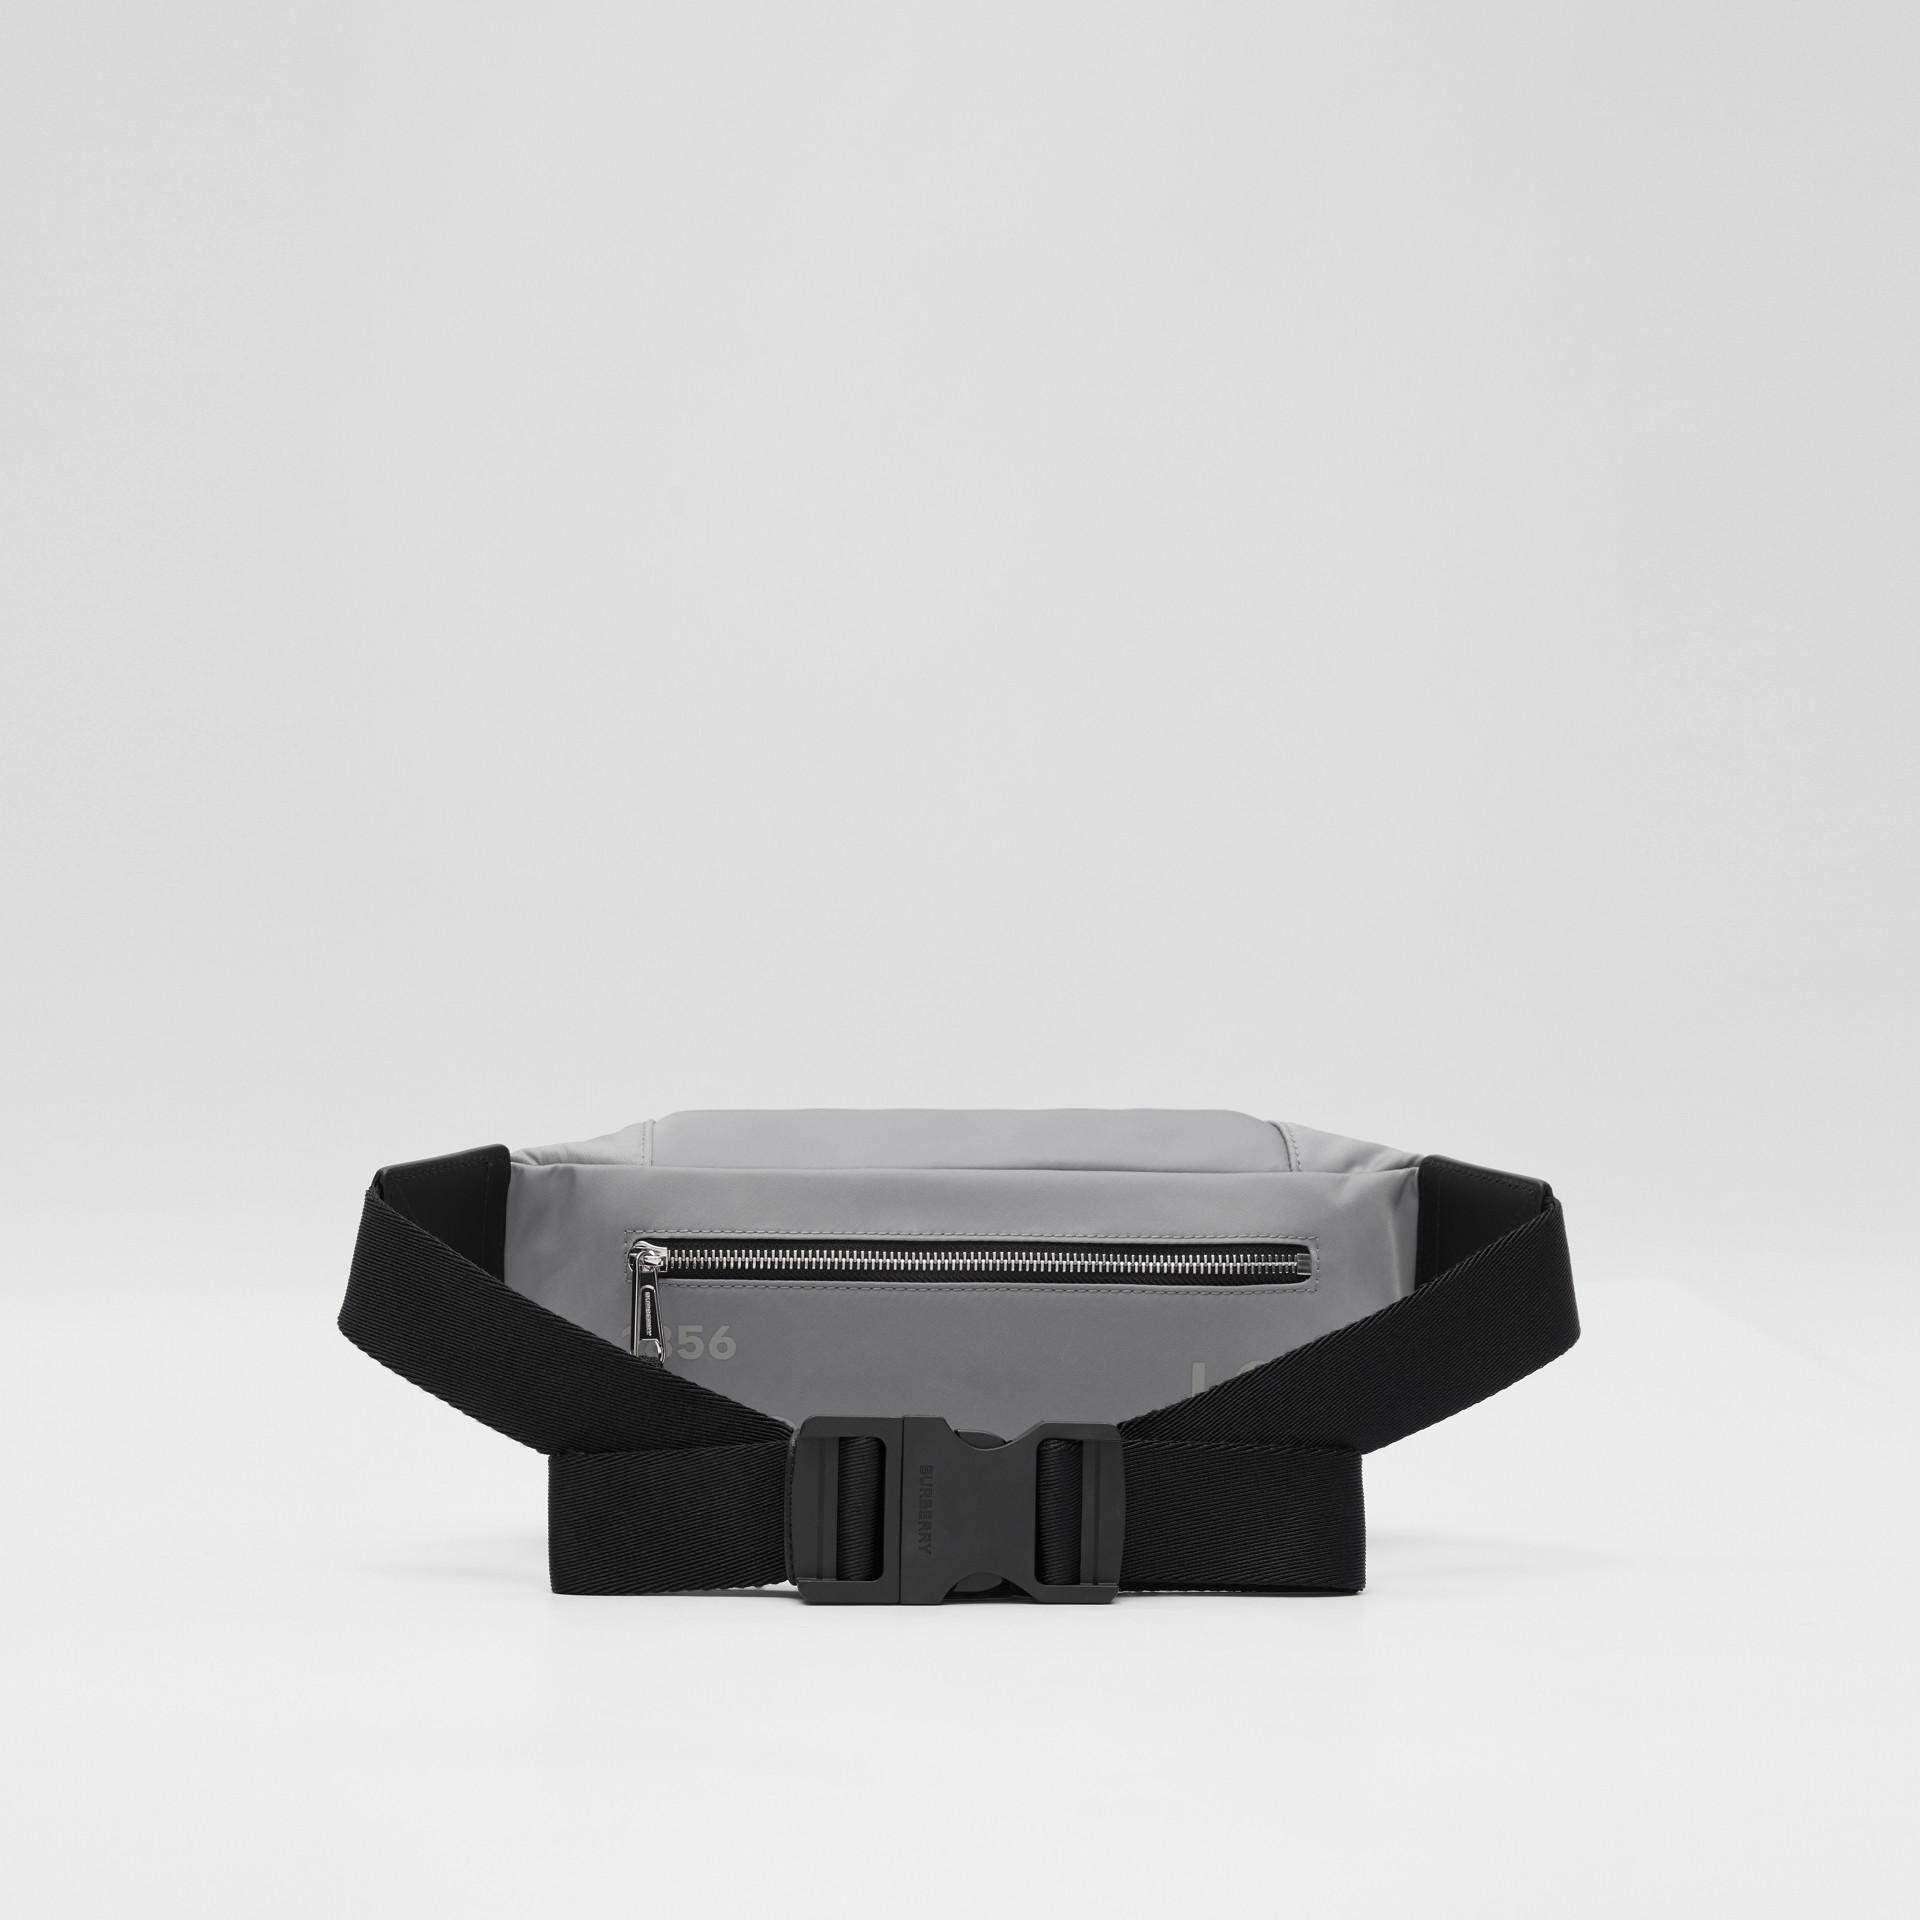 ホースフェリープリント ECONYL® ソニーバムバッグ - メンズ | バーバリー - ギャラリーイメージ 5